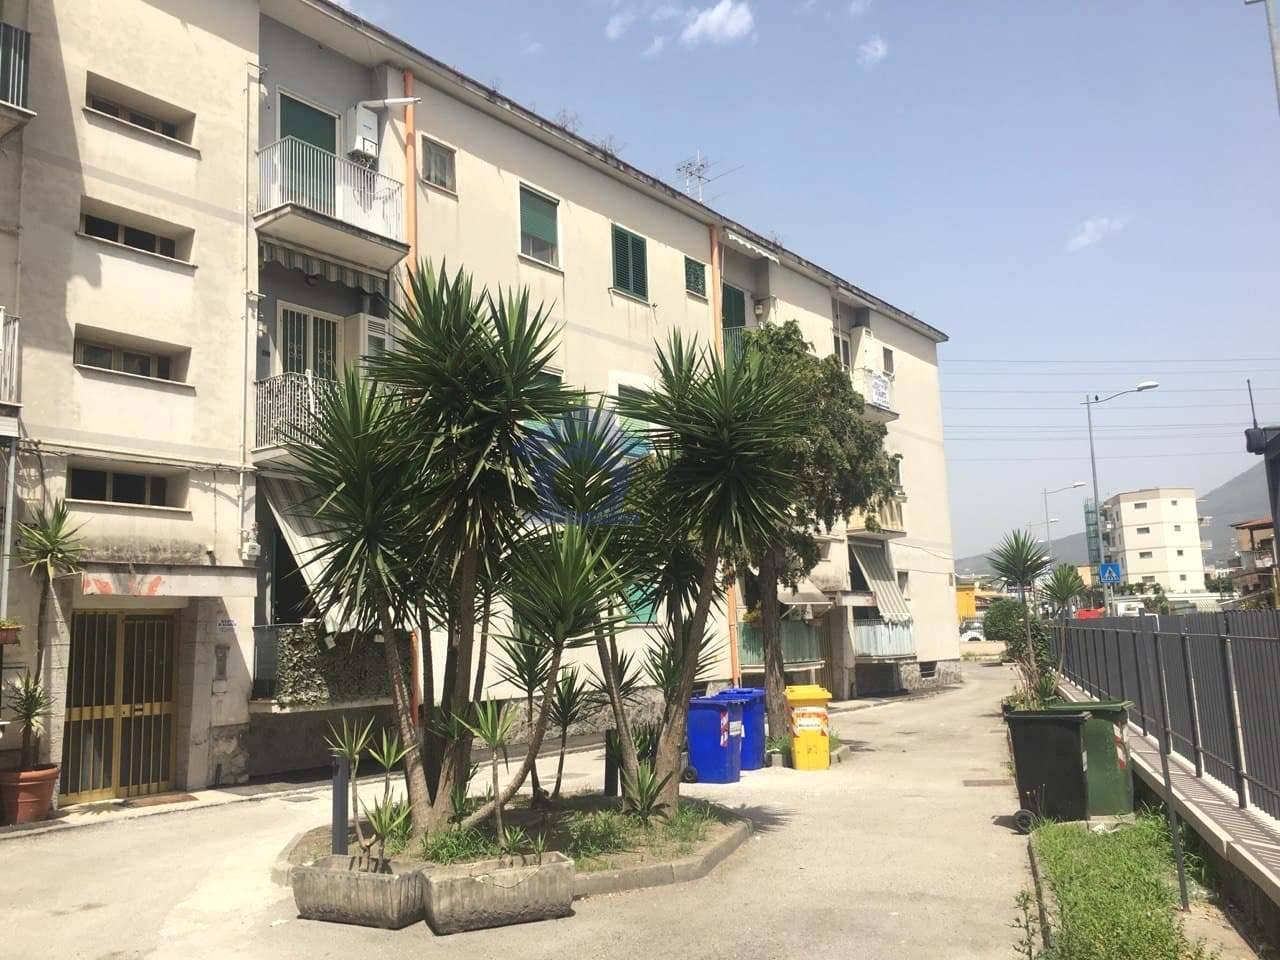 Appartamento in vendita a Torre Annunziata, 3 locali, zona Località: sud, prezzo € 135.000   CambioCasa.it